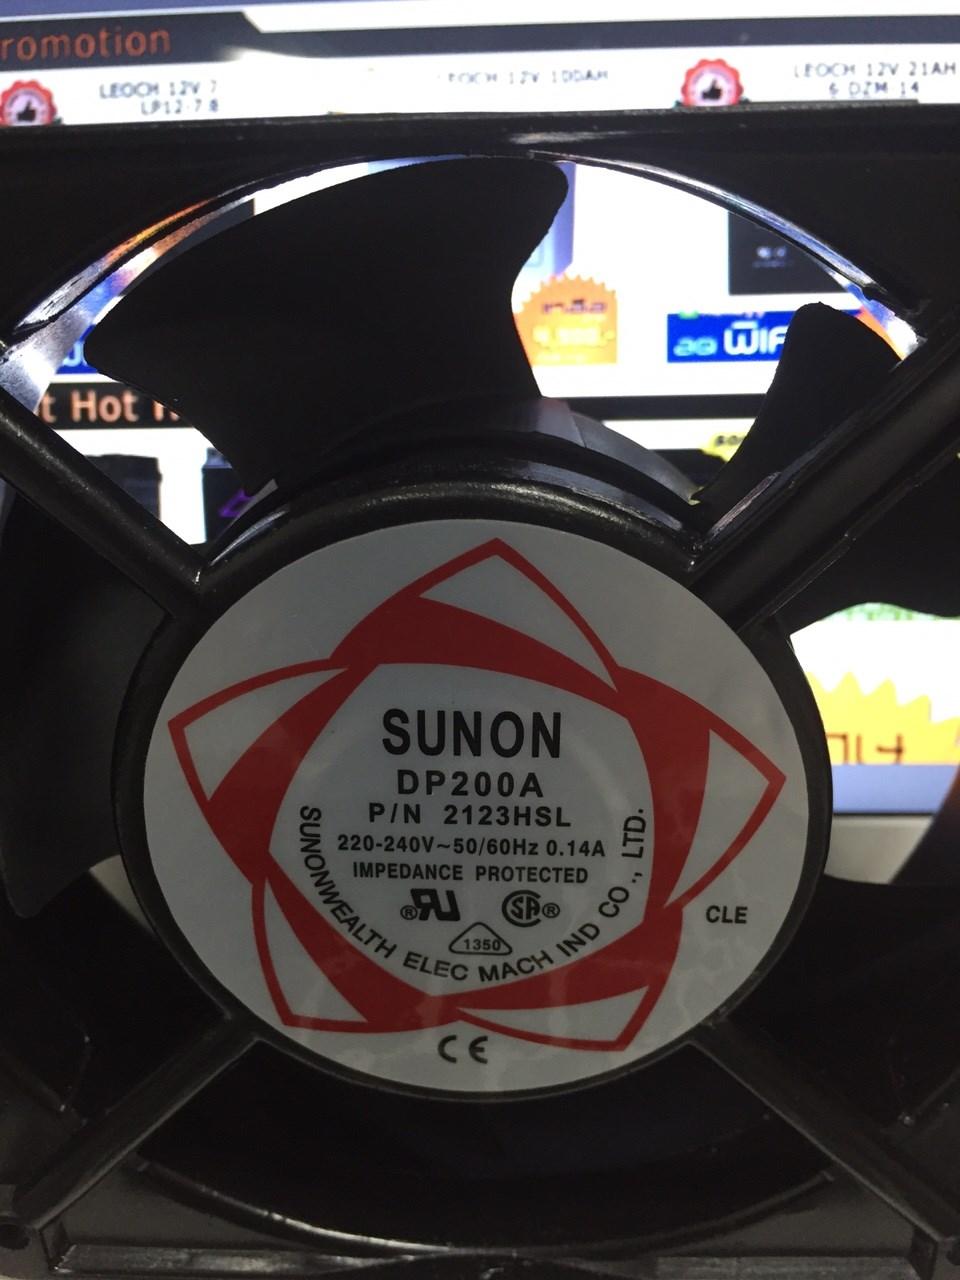 พัดลมระบายความร้อน 220VAC 0.14A SUNON DP200A P/N 2123HSL Cooling fan